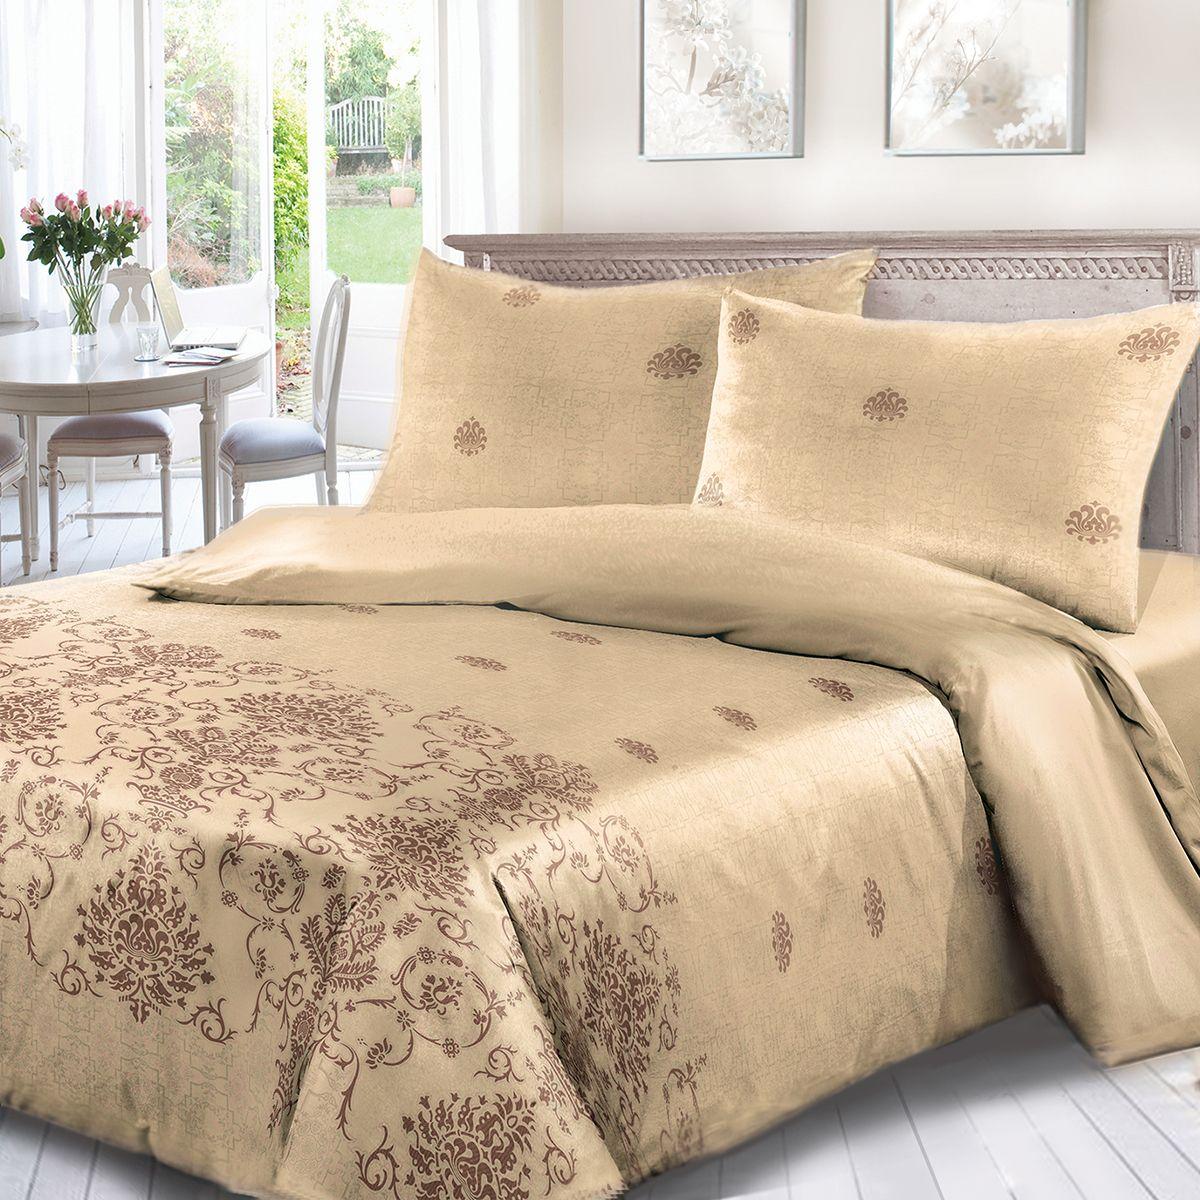 Комплект белья Сорренто Шамбала, 1,5 спальное, наволочки 70x70, цвет: коричневый. 4021-187891